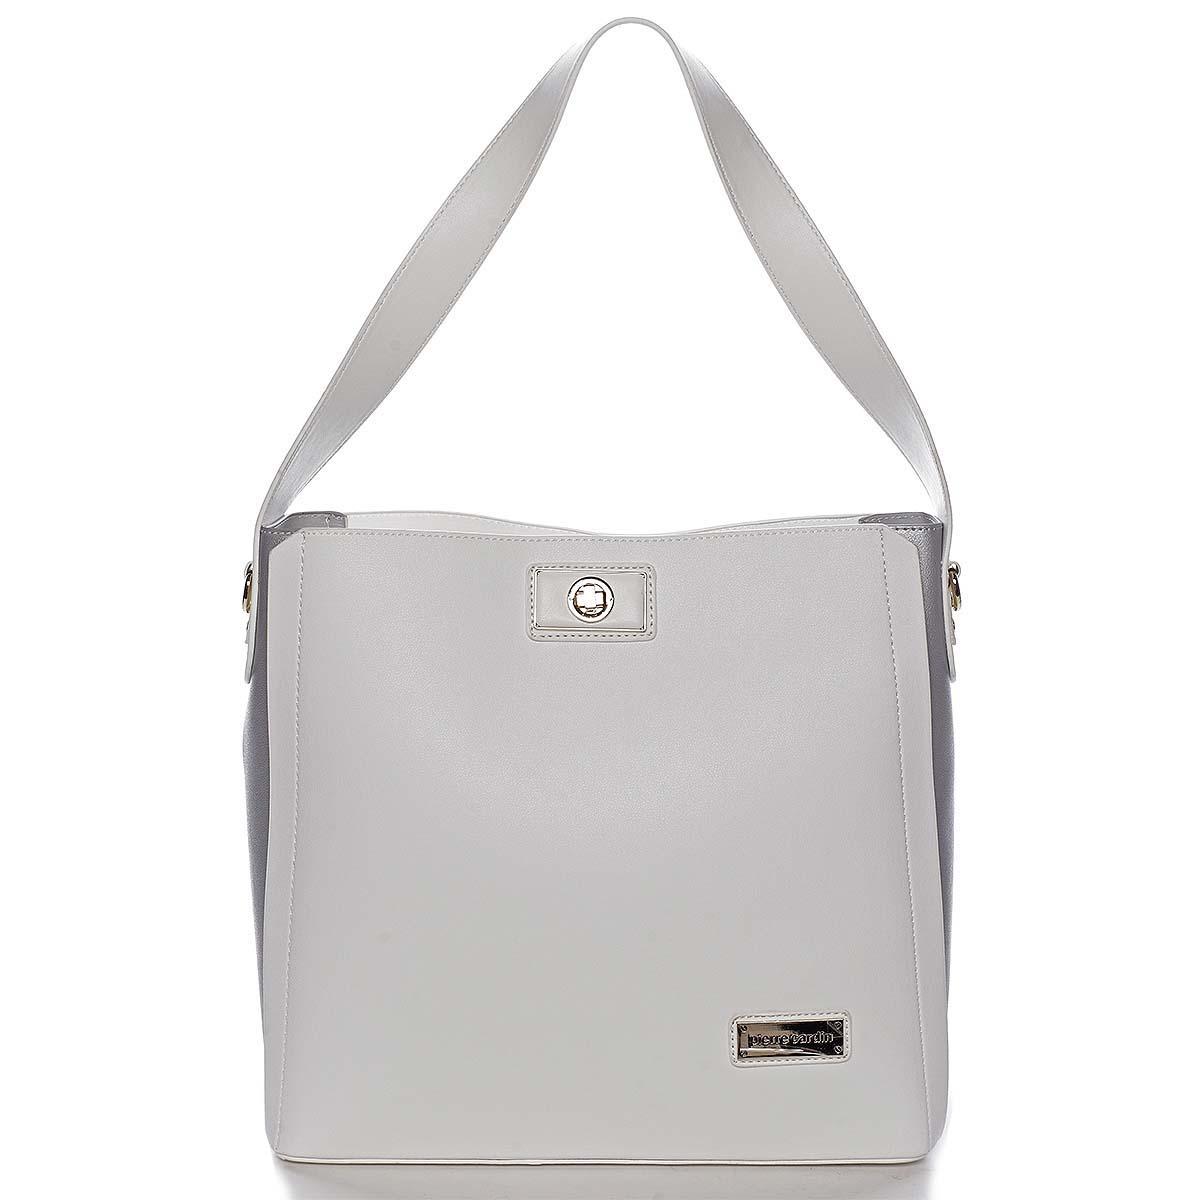 Dámská kabelka přes rameno bílá - Pierre Cardin Celma bílá